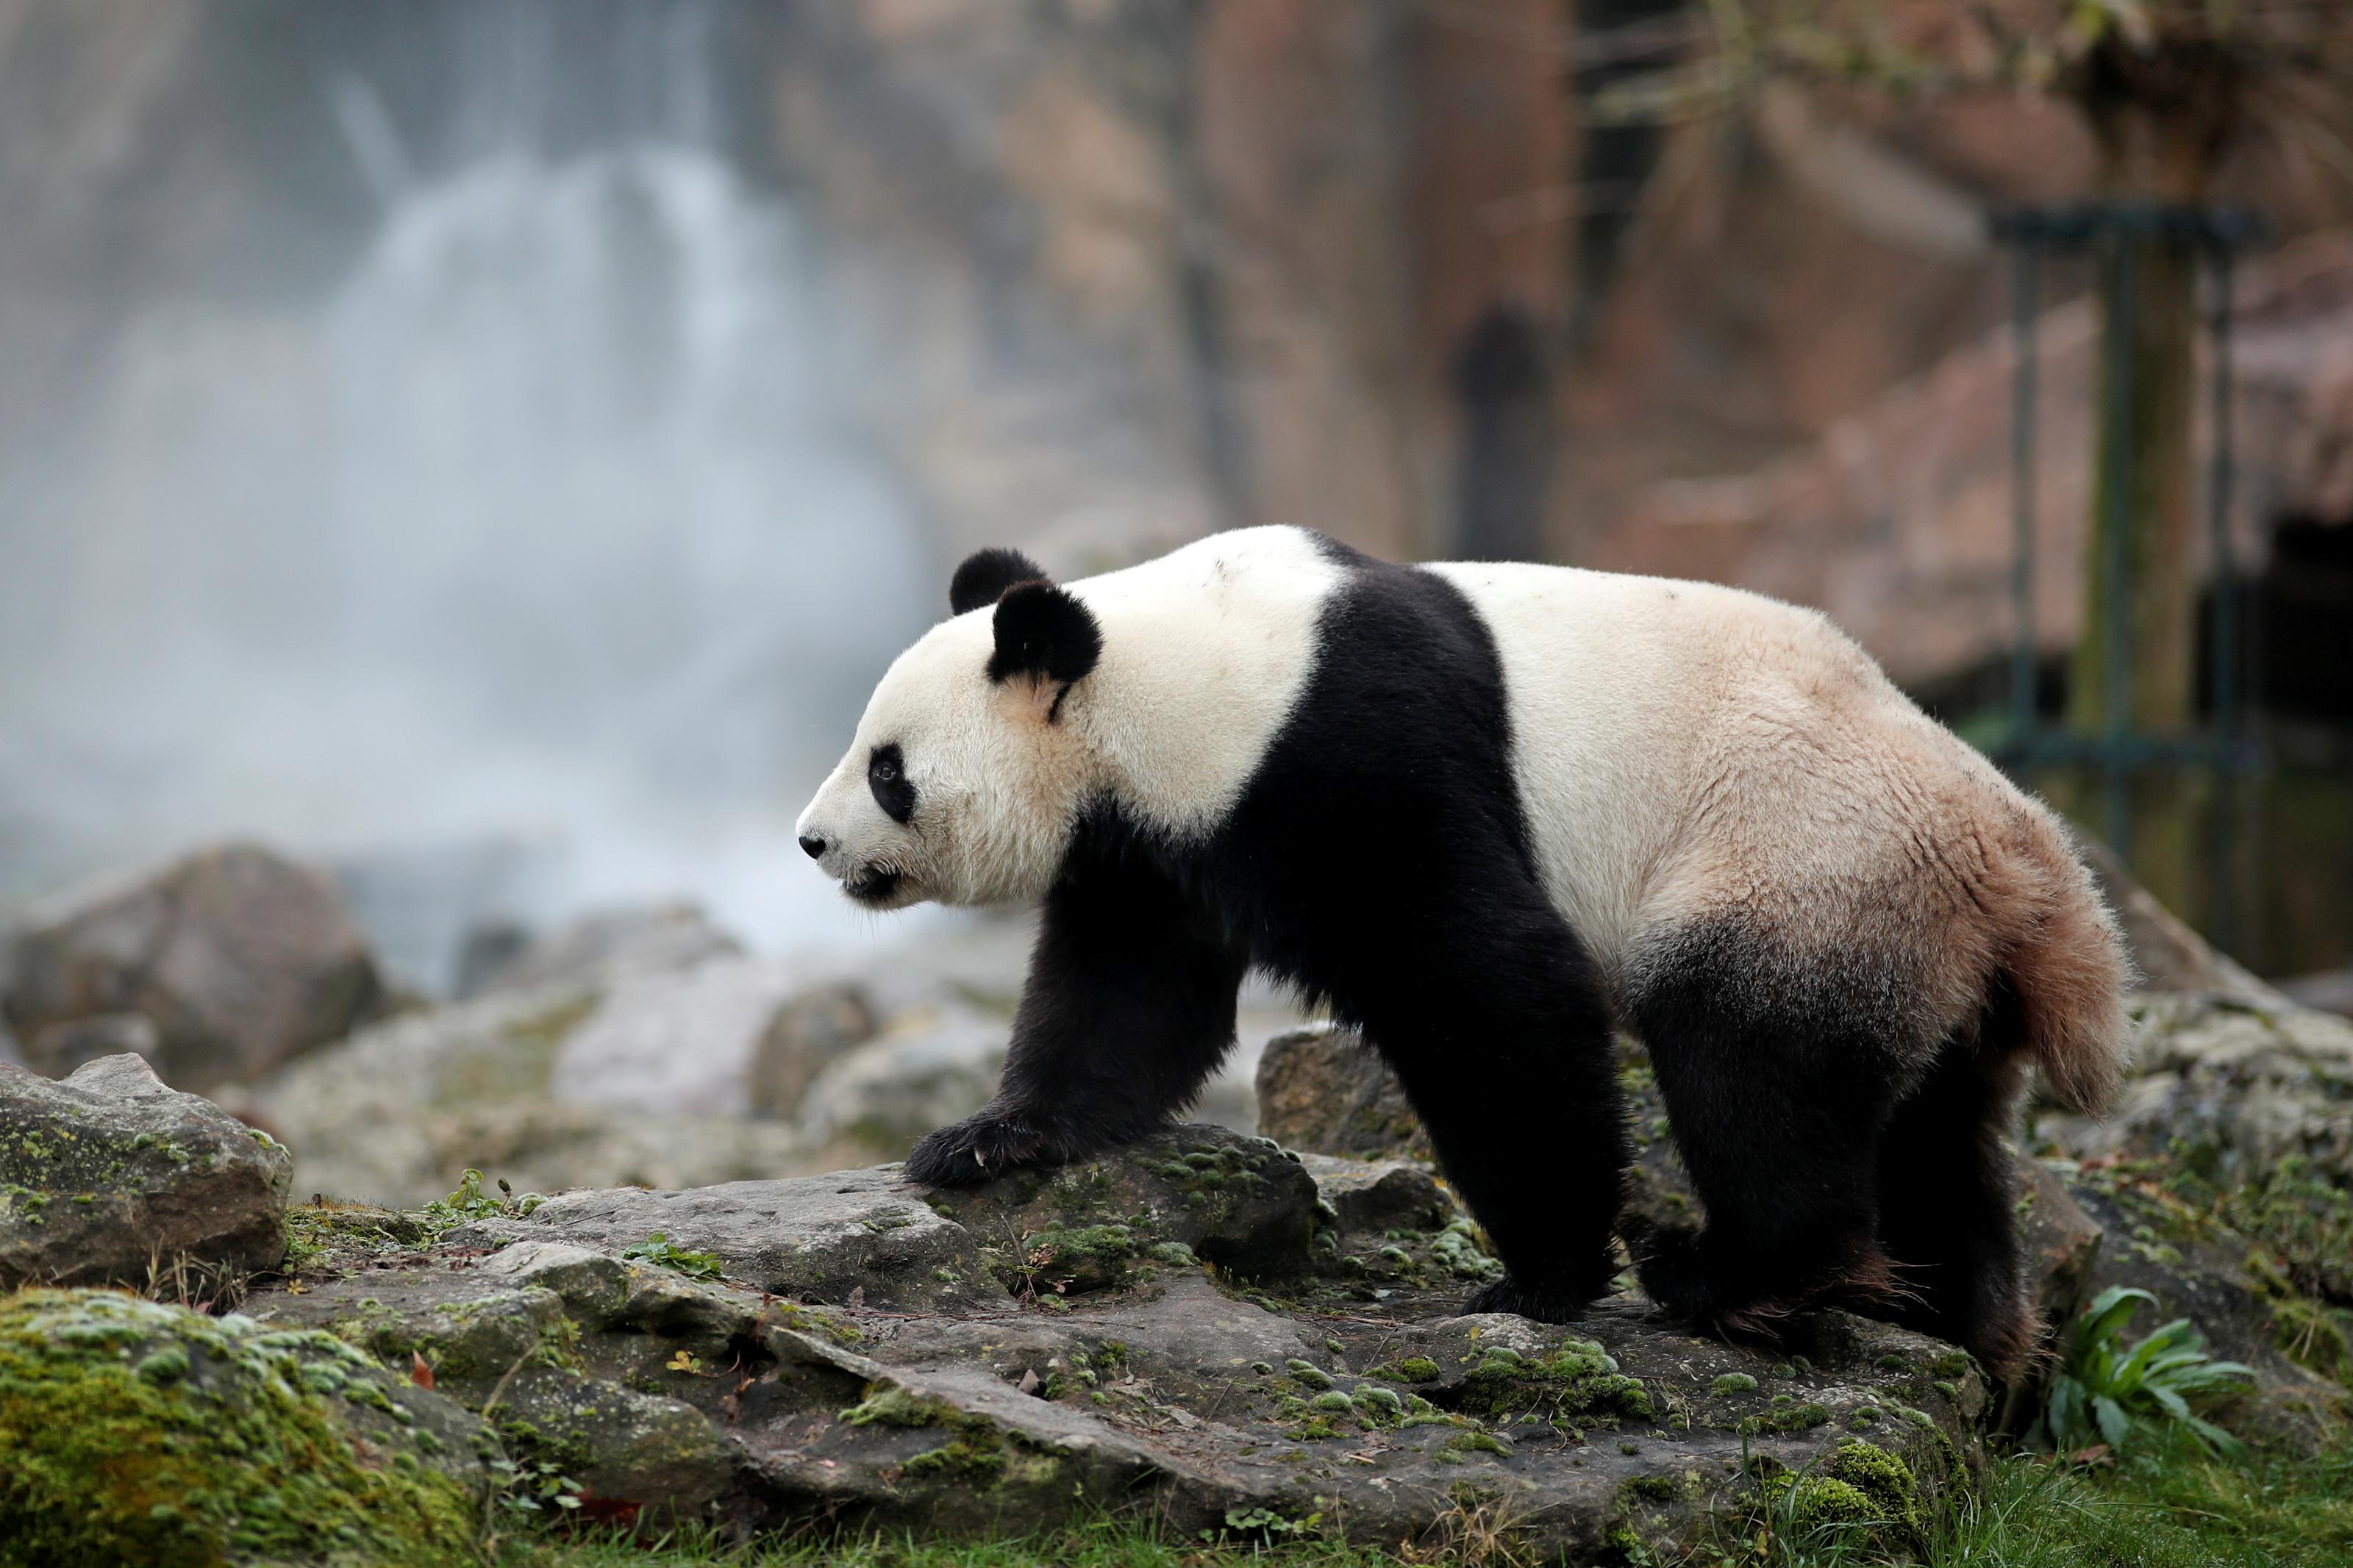 """SHANGHAI, Chine (Reuters) - Le parc zoologique de Beauval, qui accueille depuis 2012 deux pandas géants chinois, souhaite une prolongation de leur prêt par Pékin au-delà des dix ans initialement prévus, a déclaré dimanche le directeur du parc français, à la veille d'une visite d'Emmanuel Macron en Chine. """"J'ai fait cette demande au président (français) lorsqu'il est venu chez nous l'an dernier, il m'a promis d'en parler"""", a dit à des journalistes, Rodolphe Delord, membre de la délégation qui accompagnera le chef de l'Etat lors de ses trois jours de visite à Shanghai lundi et mardi puis Pékin mercredi. """"On veut les garder parce que c'est un symbole extrêmement fort pour Beauval, les pandas nous permettent de sensibiliser le public à la conservation de la biodiversité, ce qui est la mission première des parcs zoologiques"""", a-t-il expliqué. Depuis l'arrivée en janvier 2012 du mâle Yuan Zi (""""Rondouillard"""") et de la femelle Huan Huan (""""Joyeuse""""), le nombre de visiteurs dans le Zooparc de Beauval (Loir-et-Cher) est en outre passé de 600.000 à 1,6 million par an, """"ce qui a permis de développer le parc, d'en faire une destination à part entière"""", a-t-il ajouté. Un intérêt qui s'est encore accru le 4 août 2017 avec la naissance du bébé panda Yuan Meng (""""accomplissement d'un rêve"""") - dont Brigitte Macron est la marraine - mais qui, en tant que propriété du gouvernement chinois, repartira en Chine d'ici un an. Tous les signaux sont toutefois au vert pour la naissance d'autres bébés pandas au printemps, selon Rodolphe Delord. Au cours des dernières décennies, Pékin a prêté des dizaines de pandas - considérés comme des trésors nationaux en Chine où ils sont menacés par l'exploitation forestière et l'agriculture - aux Etats-Unis, à l'Espagne, à l'Autriche ou encore au Japon. Le prêt de Yuan Zi et de Huan Huan à la France avait à l'époque fait l'objet d'intenses tractations, débutées sous la présidence de Jacques Chirac, poursuivies puis achevées sous le quinquennat de Nicolas Sar"""